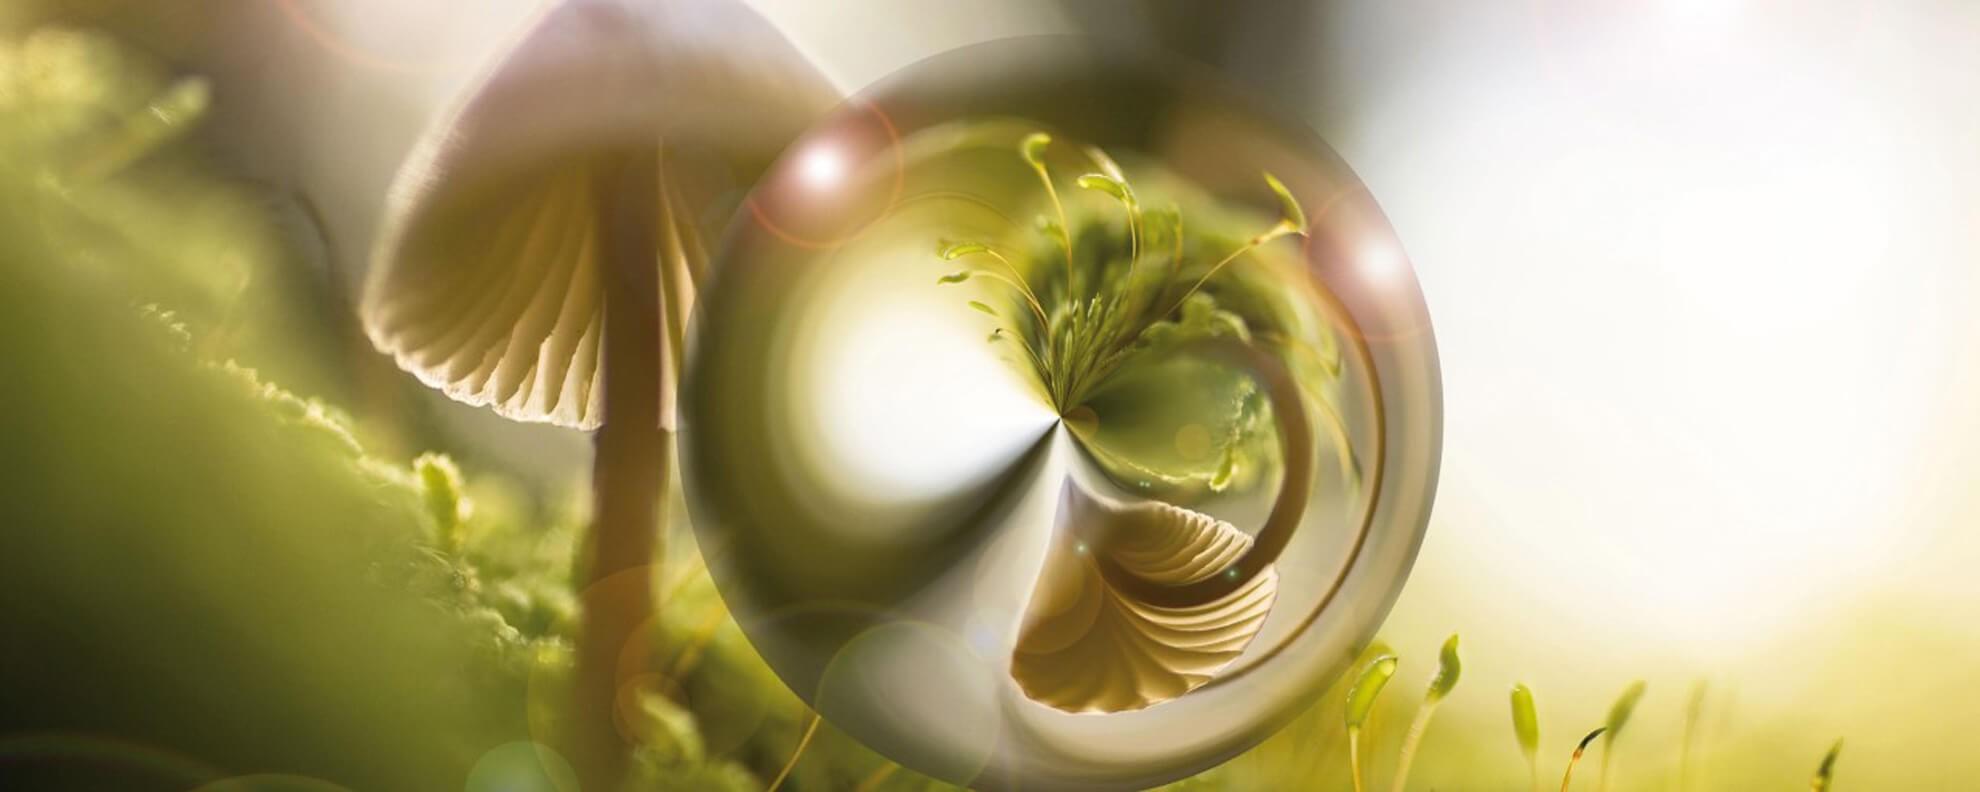 Micoterapia - La medicina naturale dei funghi